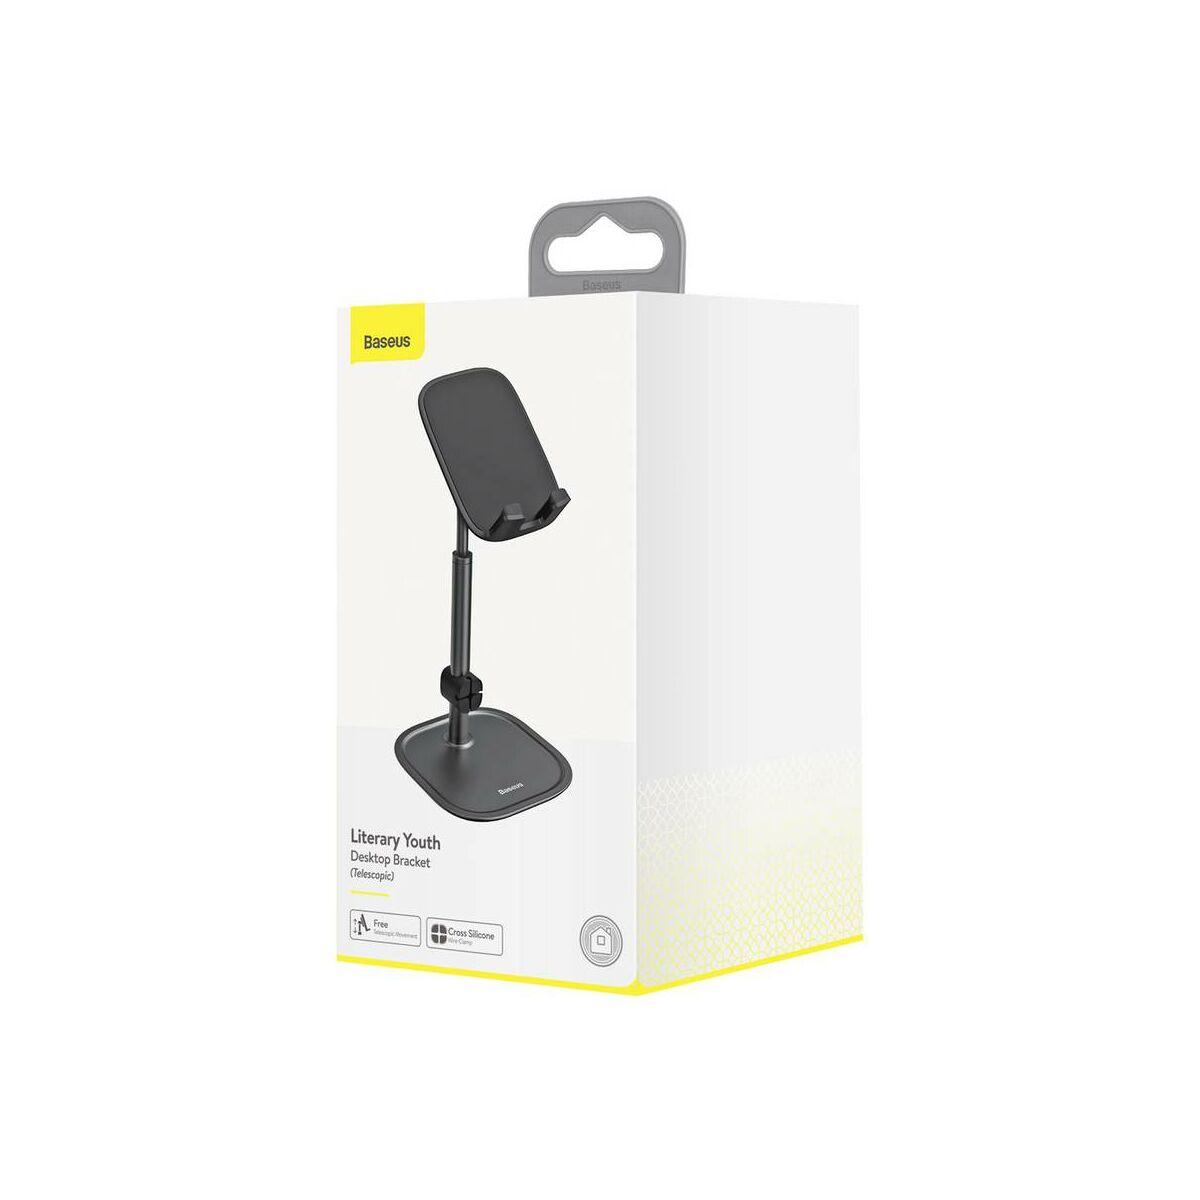 Baseus Univerzális kiegészítő, Literary Youth asztali állvány telefon/tablet stabil kihelyezésre, kábel vezető, teleszkóp, fekete (SUWY-A01)